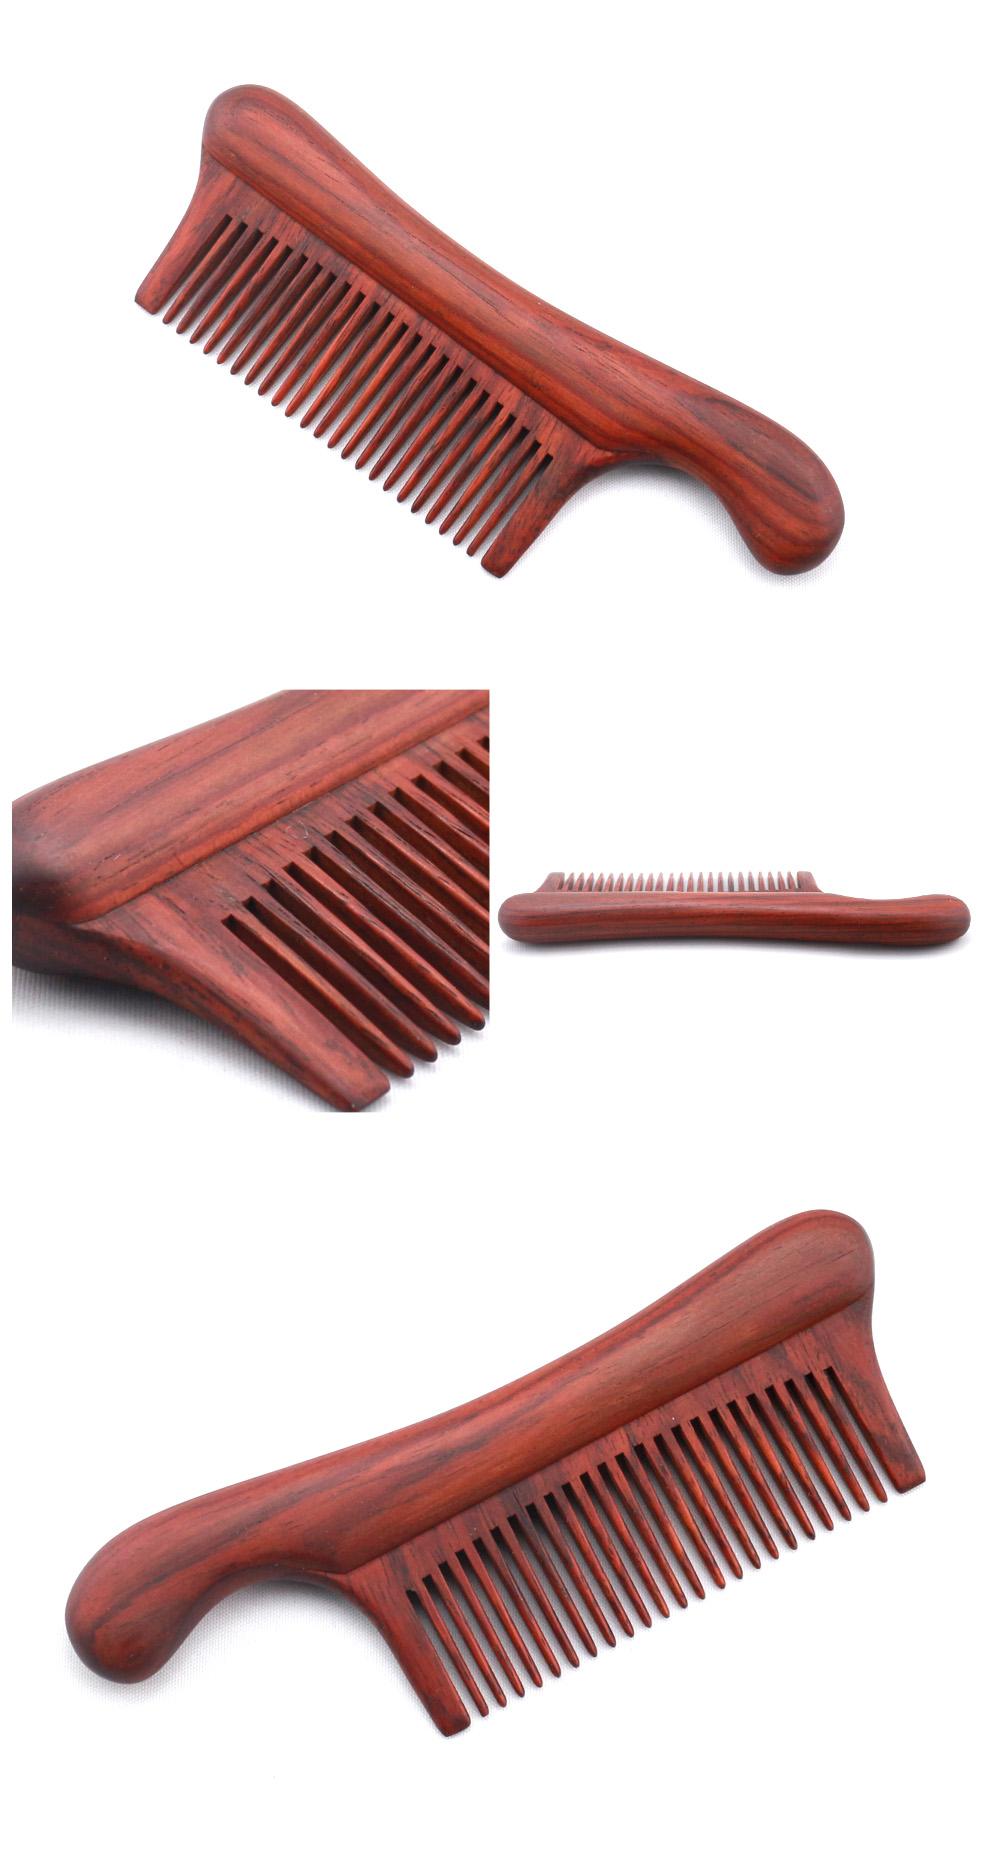 馨怡阁 木梳子 红木梳子 手工工艺 保健美发 造型工艺